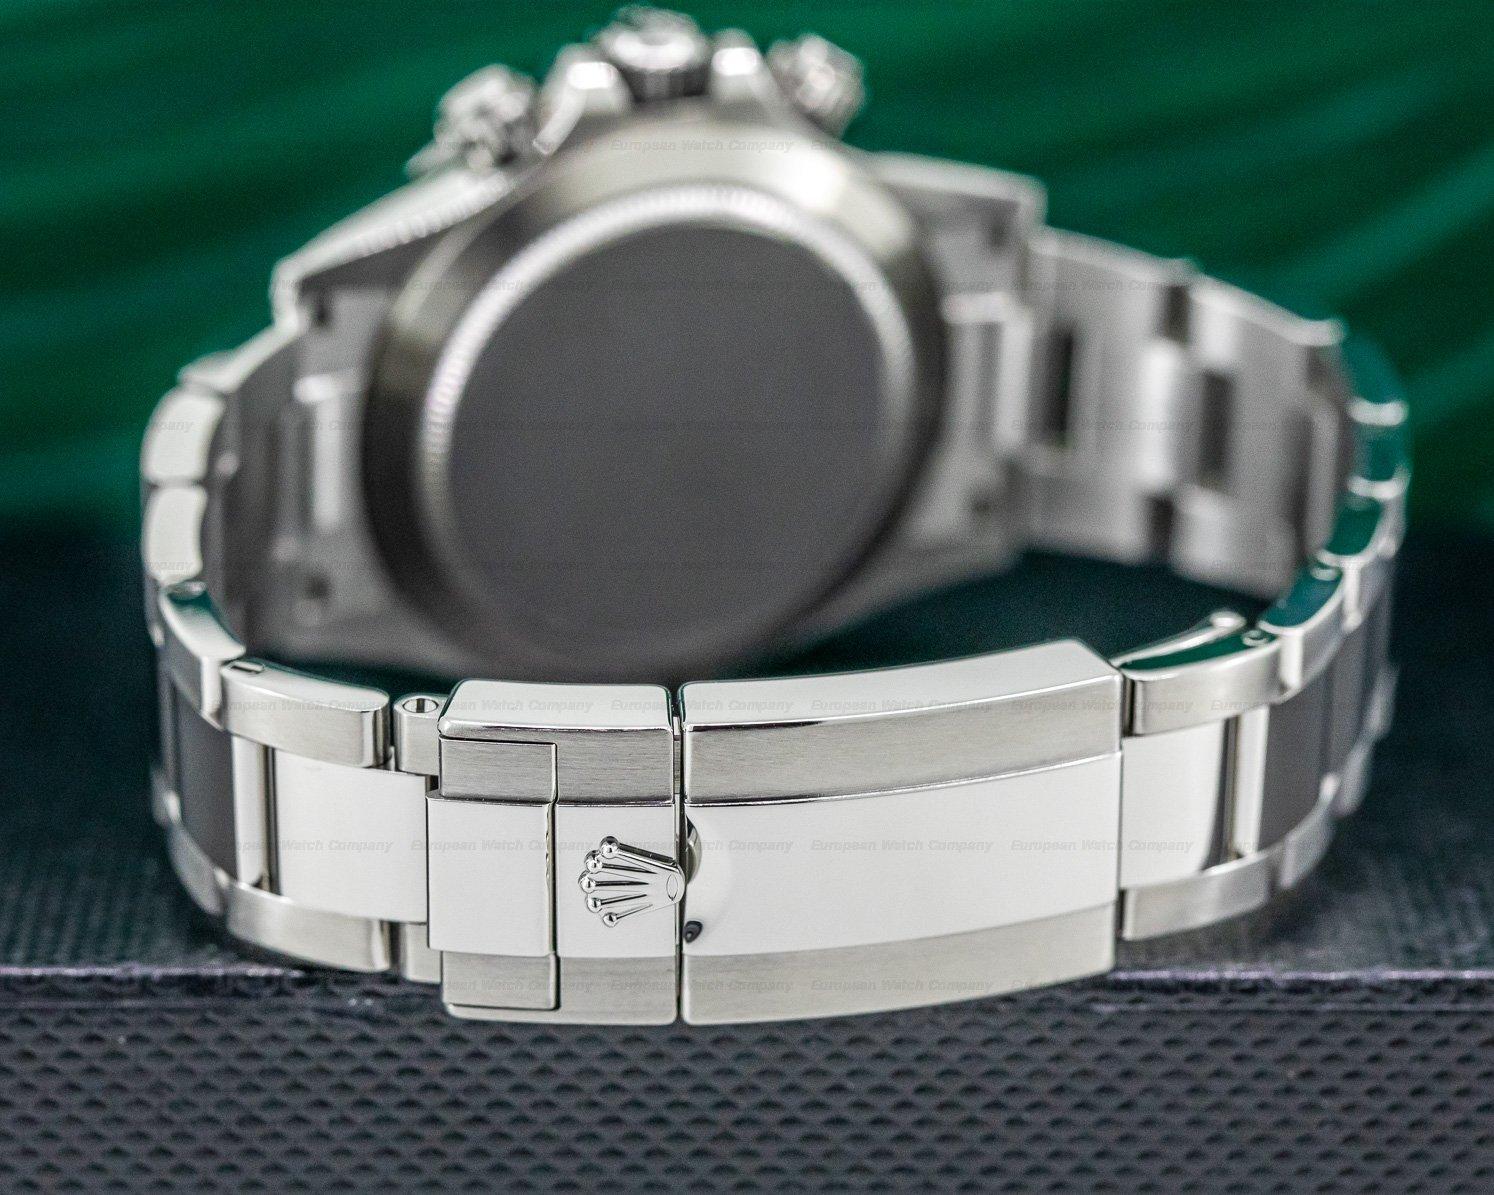 Rolex 116520 Daytona White Dial SS FULL SET ORIGINAL OWNER